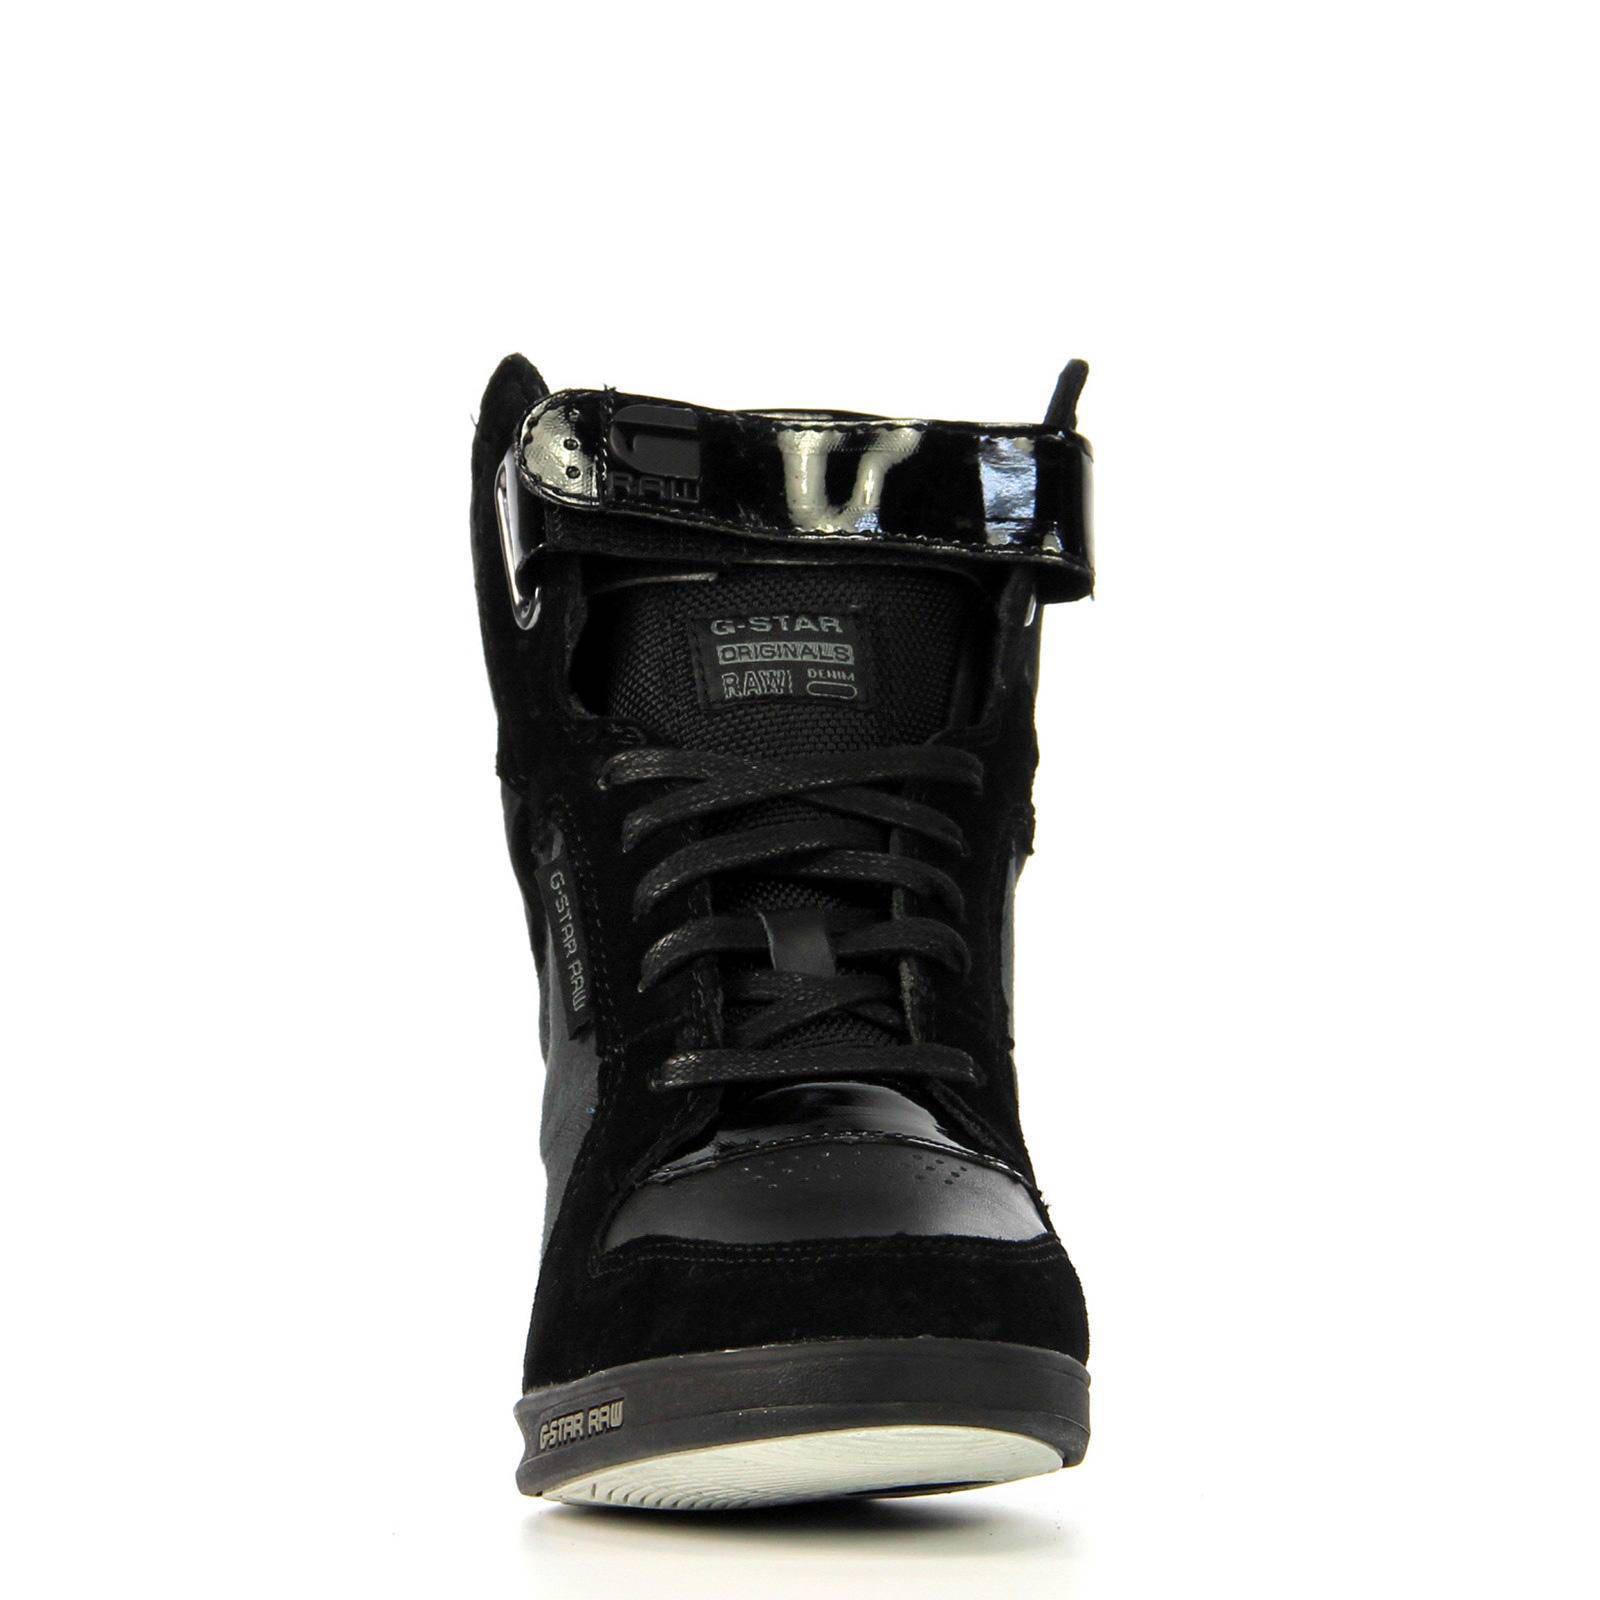 Star Raw SneakersWehkamp Star G G Leren v8nwOmN0